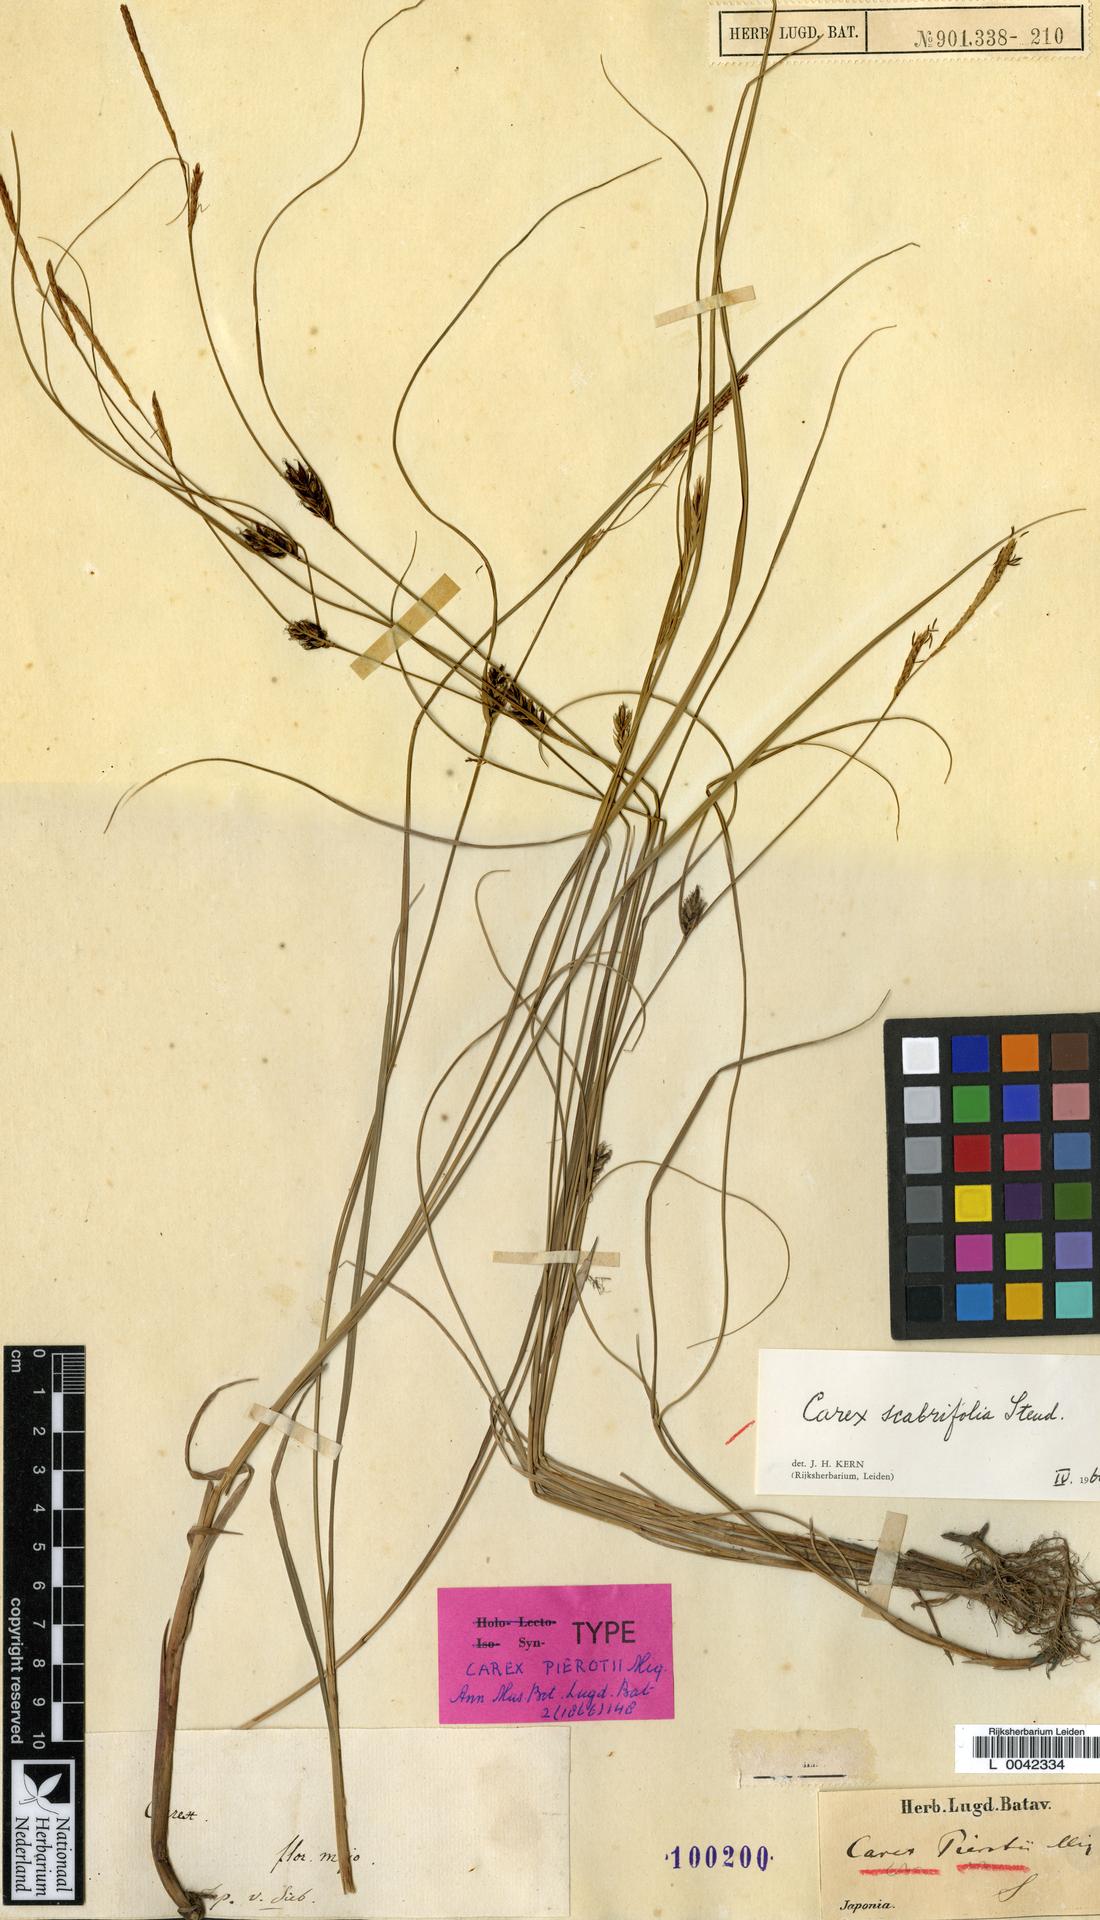 L  0042334 | Carex scabrifolia Steud.